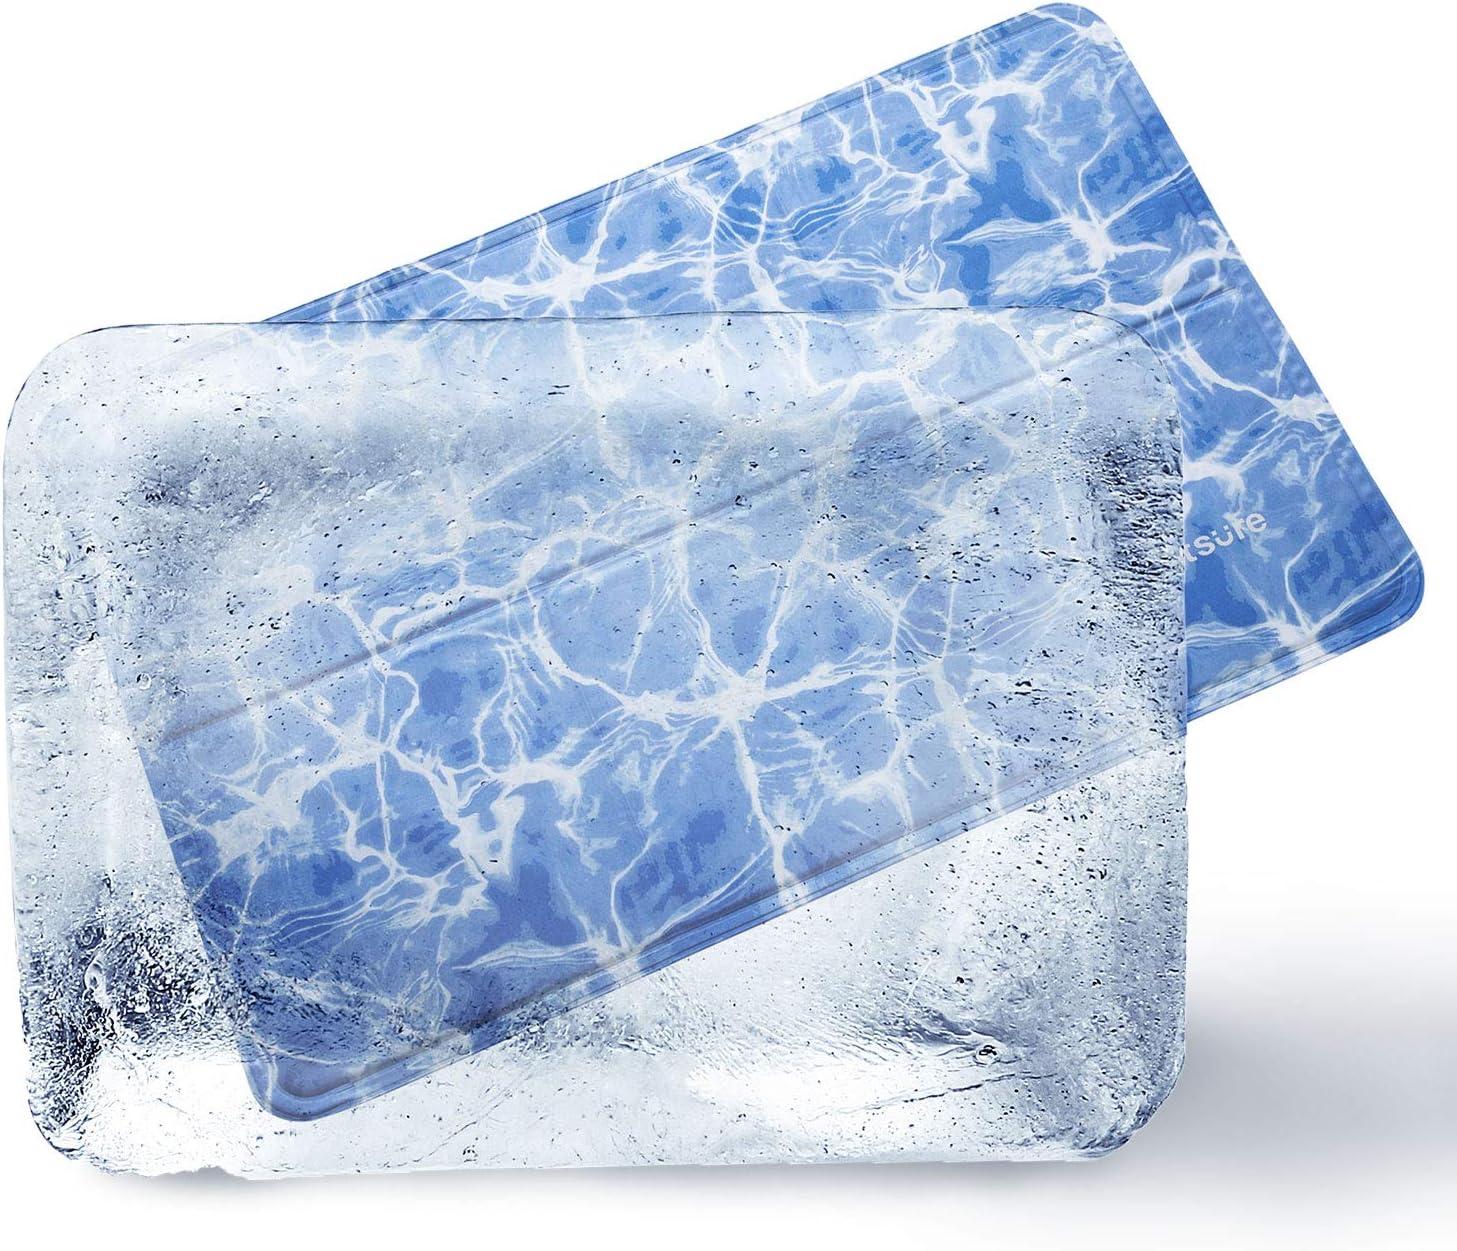 Bedsure Manta Refrescante Perros Grandes - Cama Fría para Perro Gato, Alfombra de Enfriamiento de Verano, 90x60cm, Azul